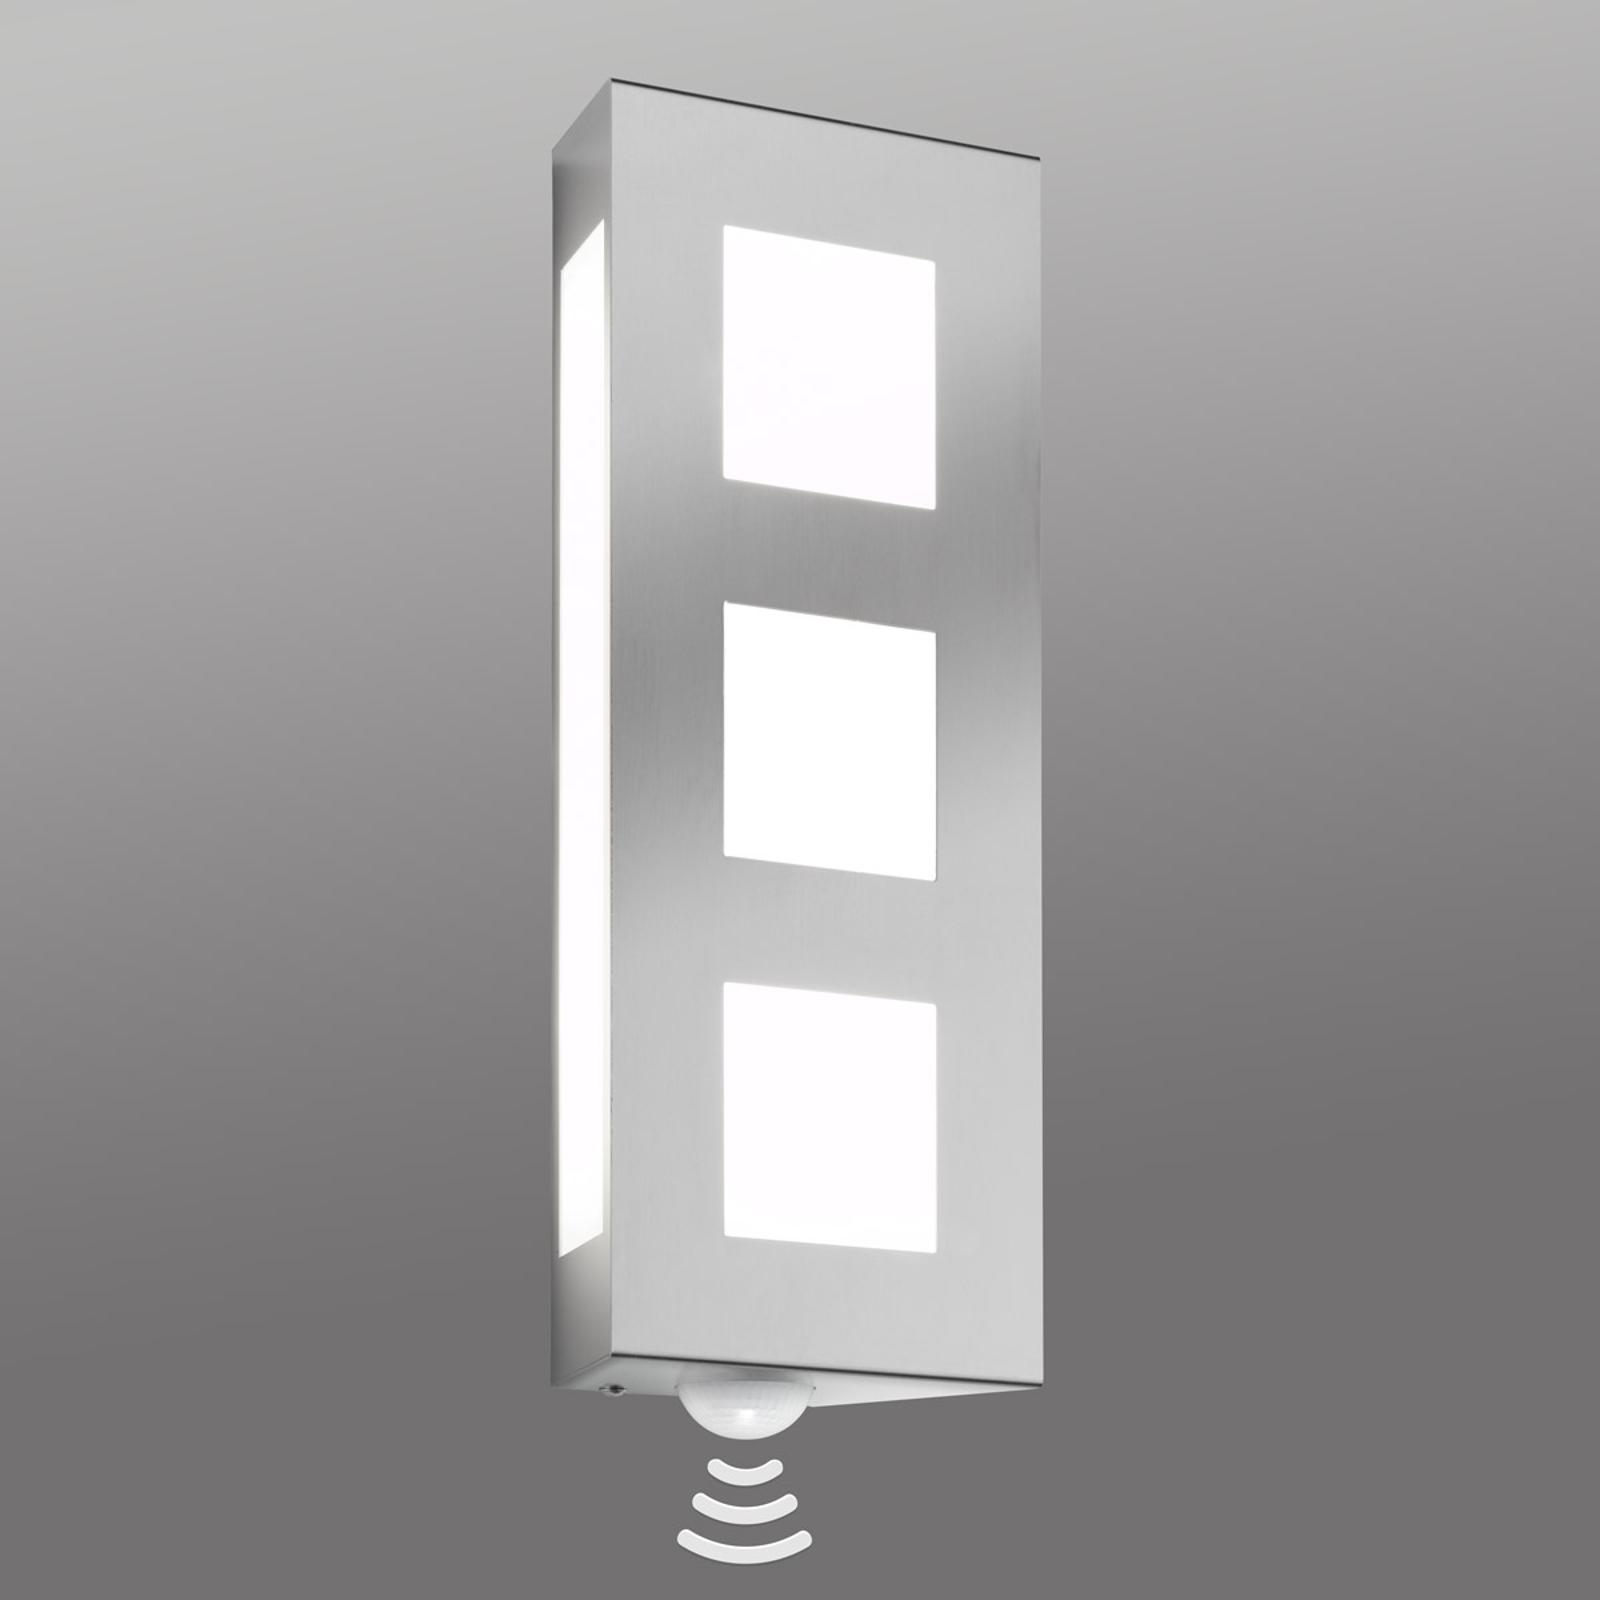 Venkovní nástěnné svítidlo Trilo z nerezu senzor